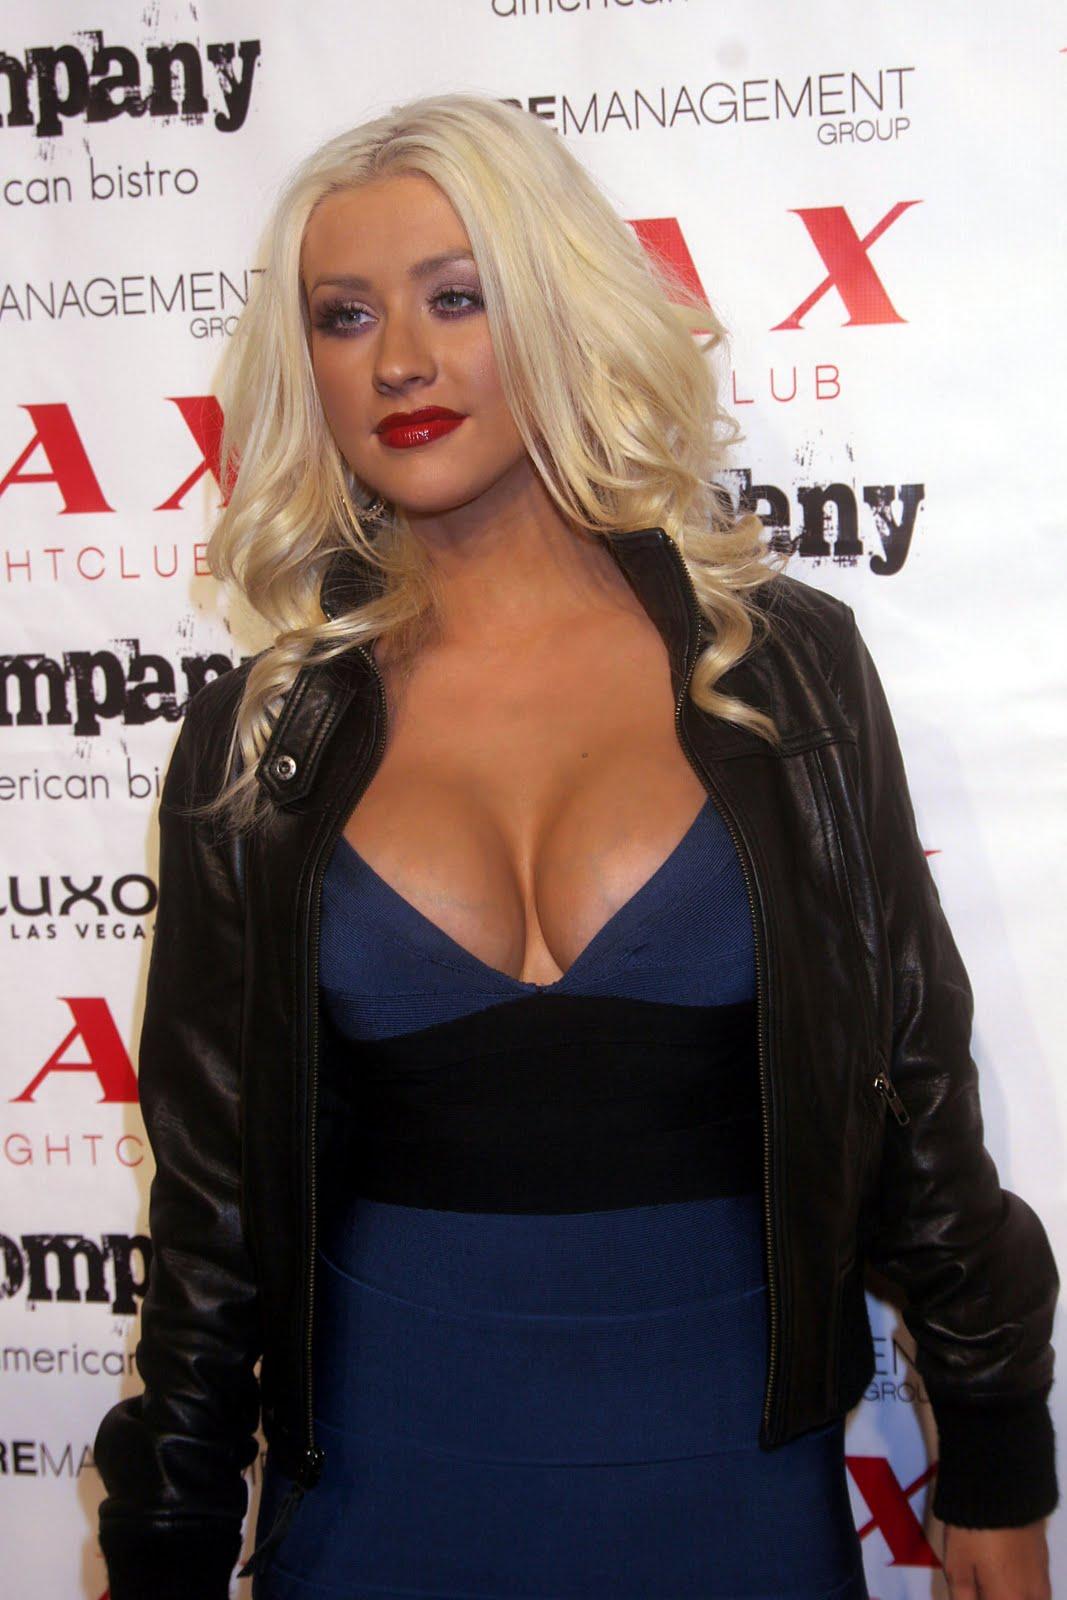 http://4.bp.blogspot.com/-W4Zk3be62Kg/TbRg9vUHKeI/AAAAAAAABa8/agfnbOBeHEg/s1600/Christina-Aguilera9.jpg